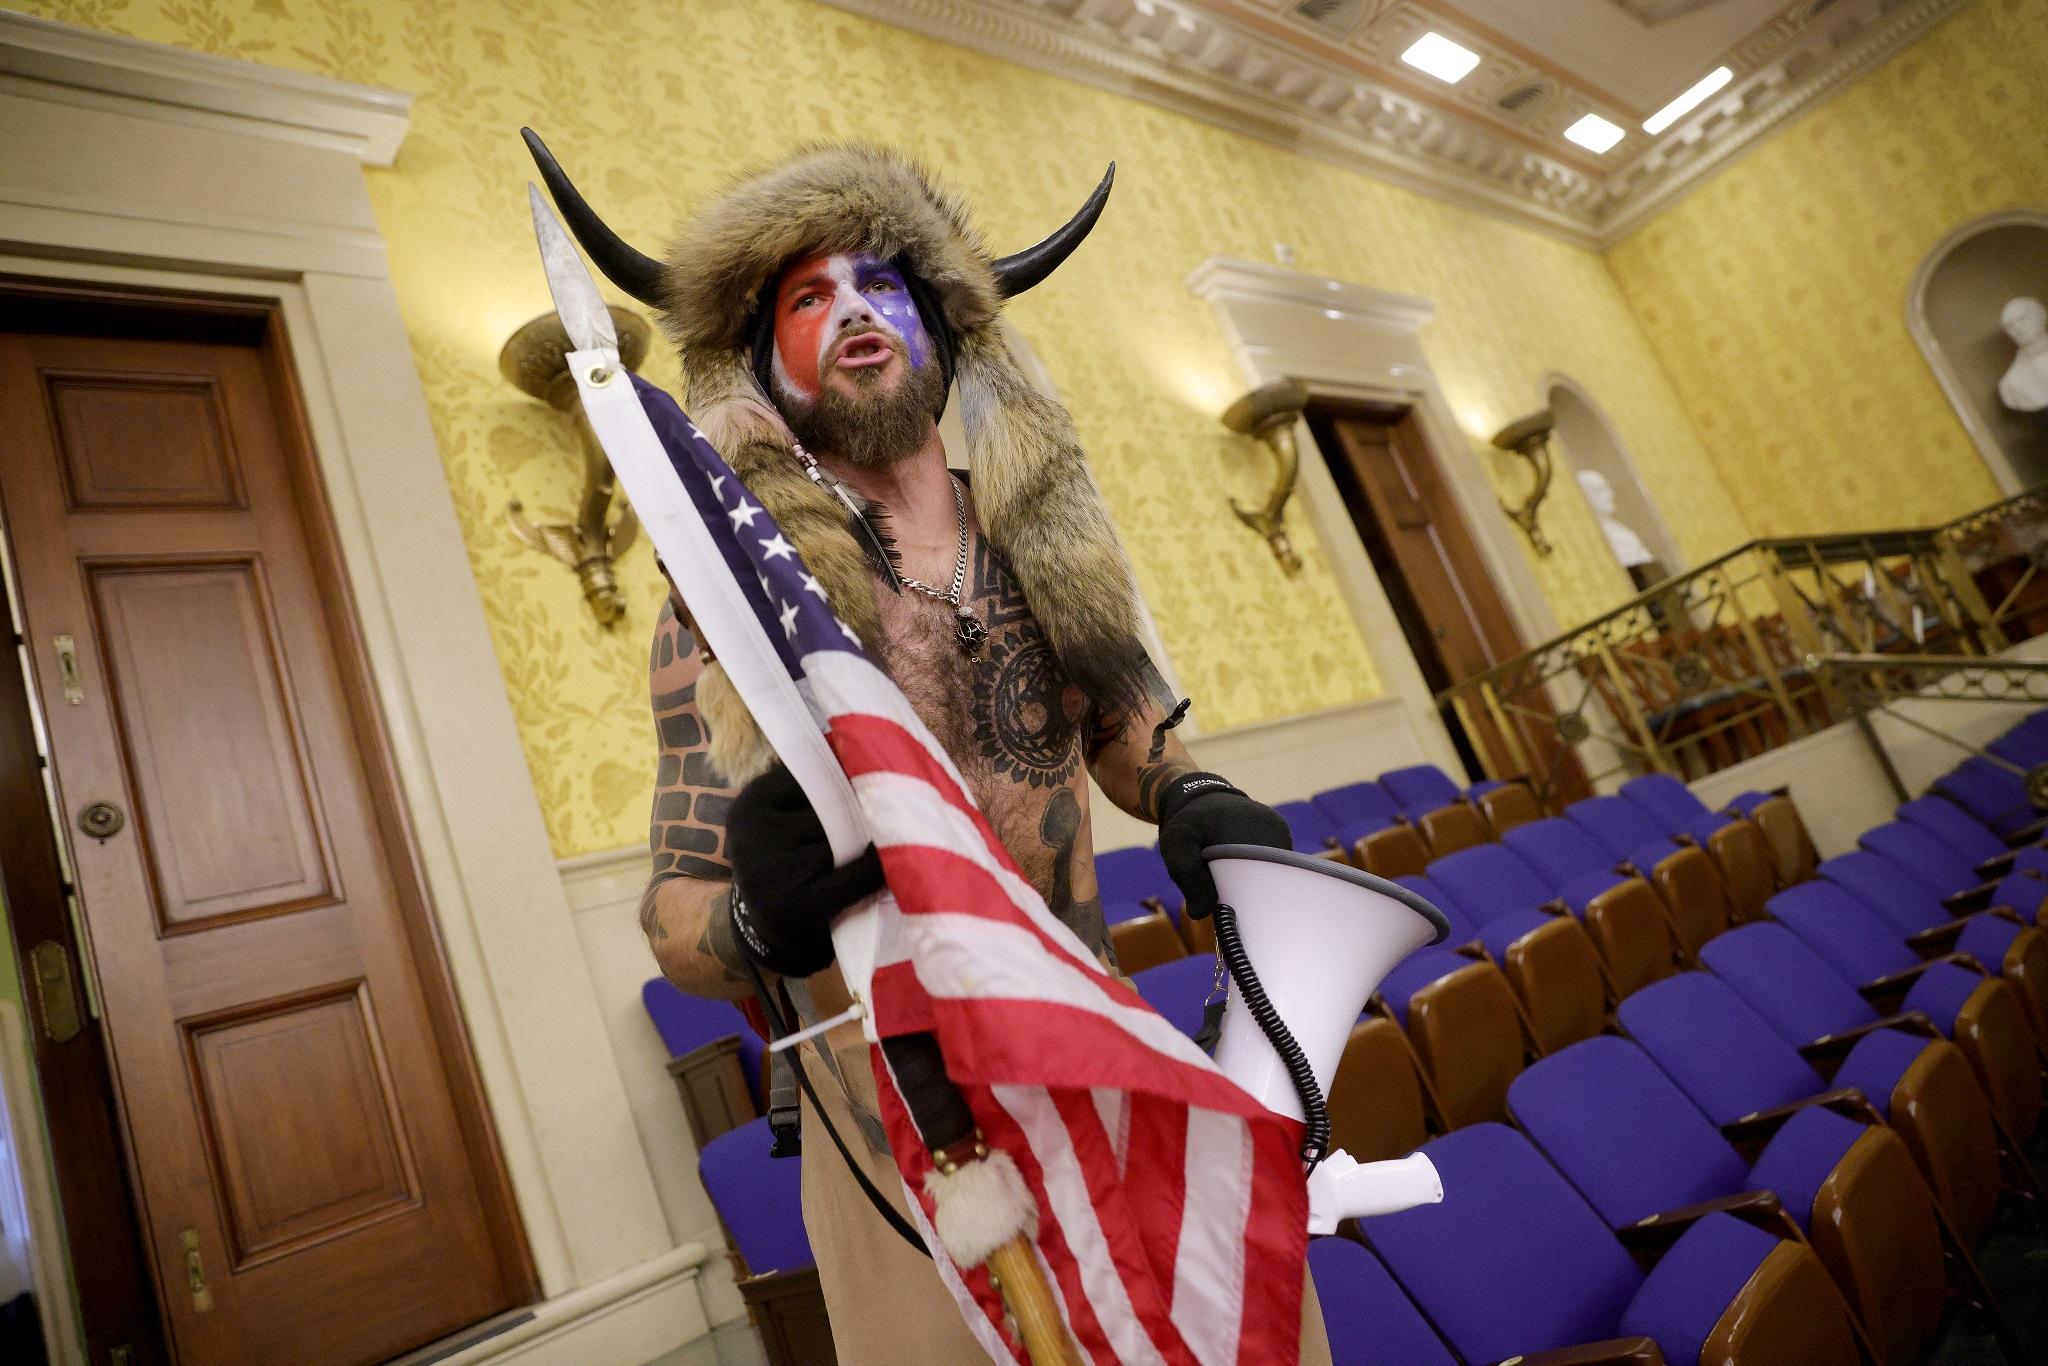 A múlt szerdai események legemblematikusabb figurája, a QAnon-sámán (fotó: Win McNamee/Getty Images)